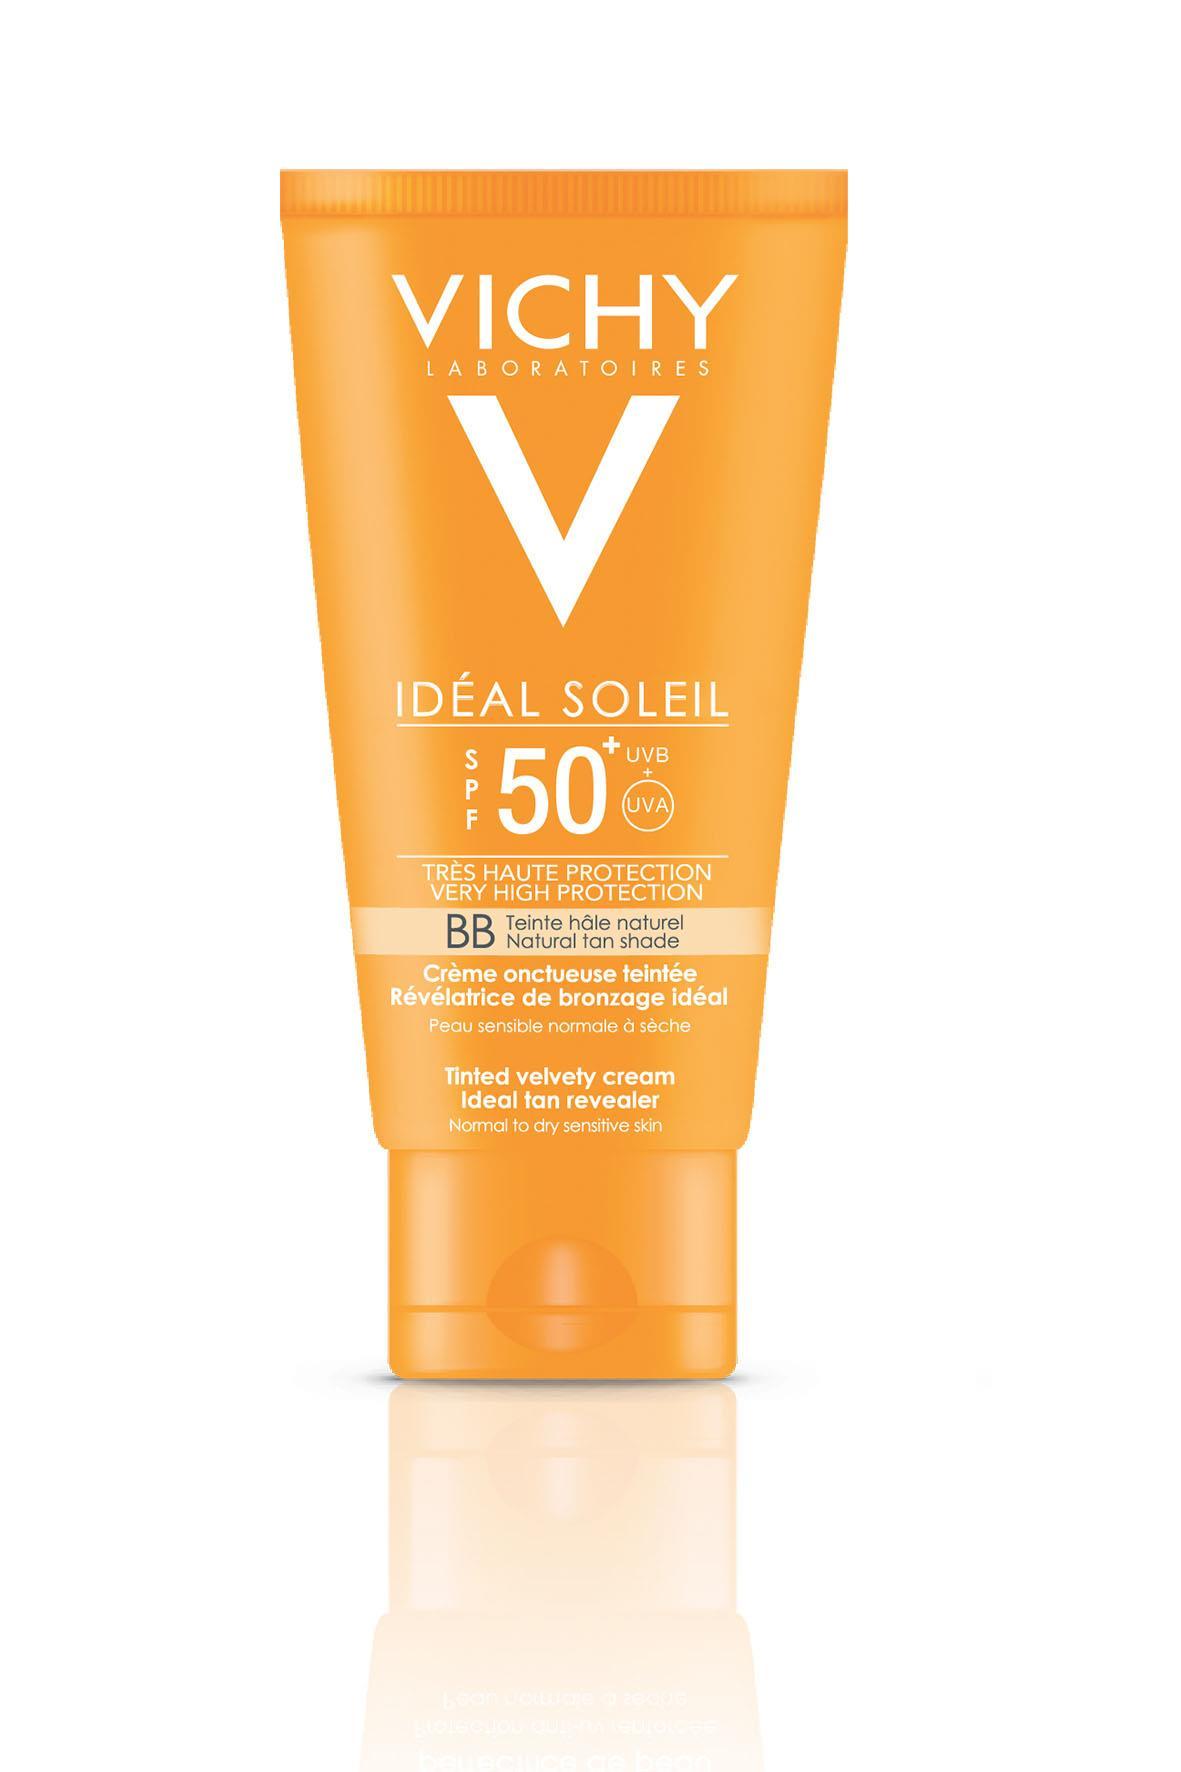 VICHY Ideal Soleil BB Cream 50+